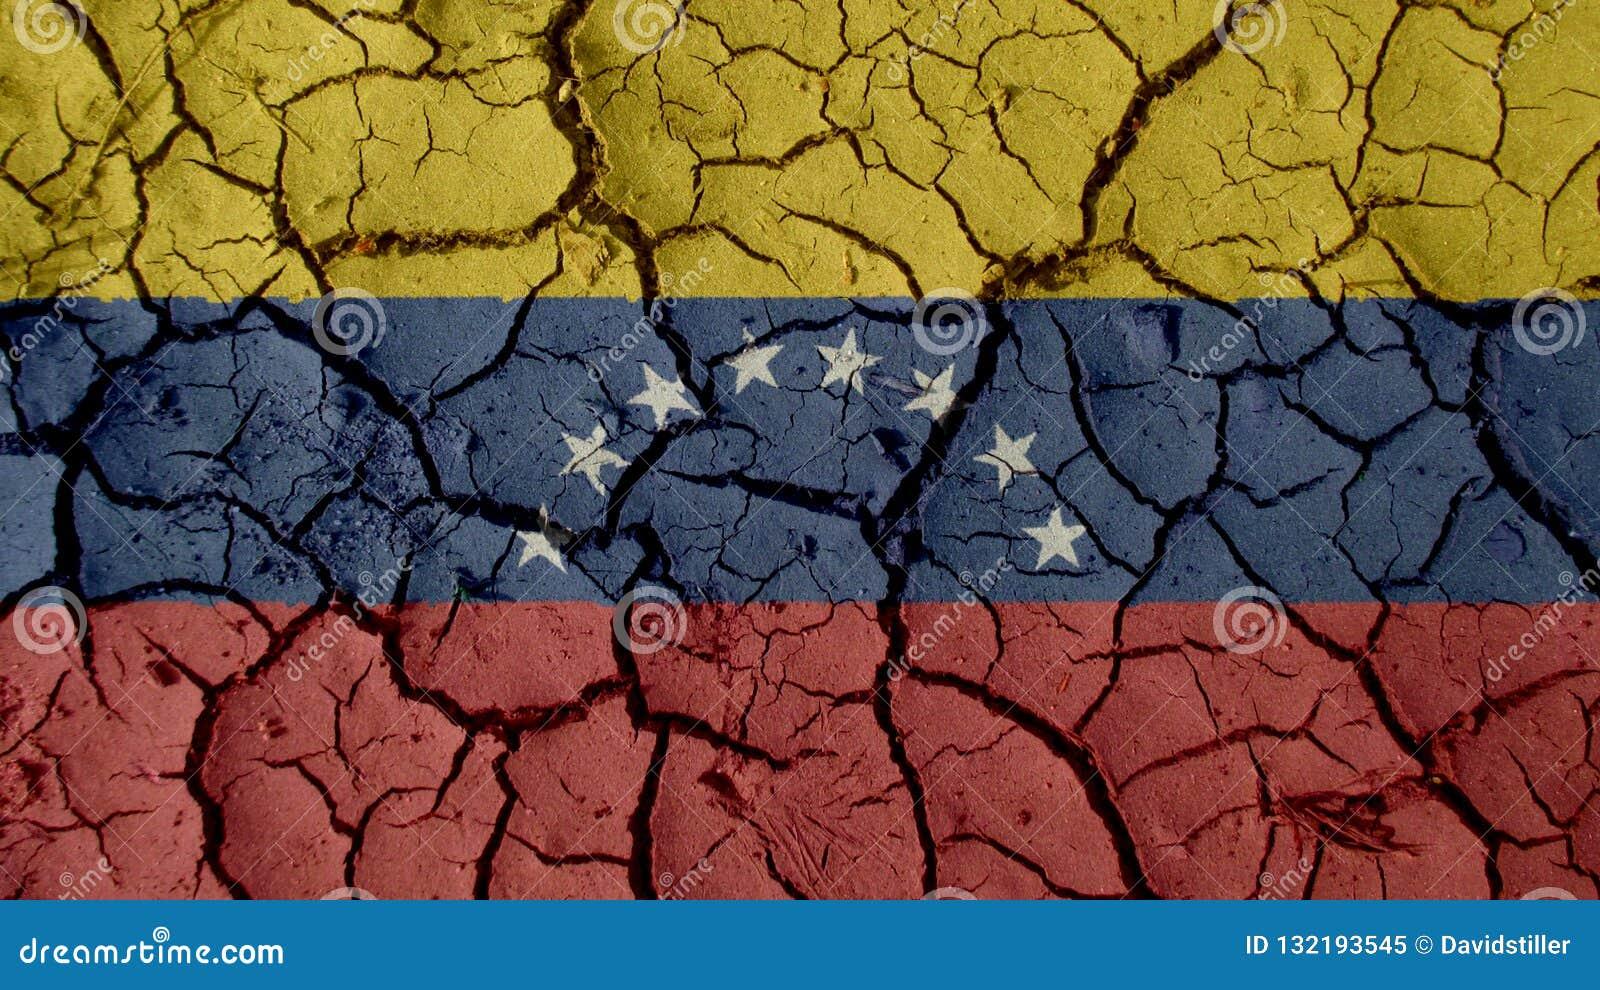 Έννοια κρίσης: Ρωγμές λάσπης με τη σημαία της Βενεζουέλας